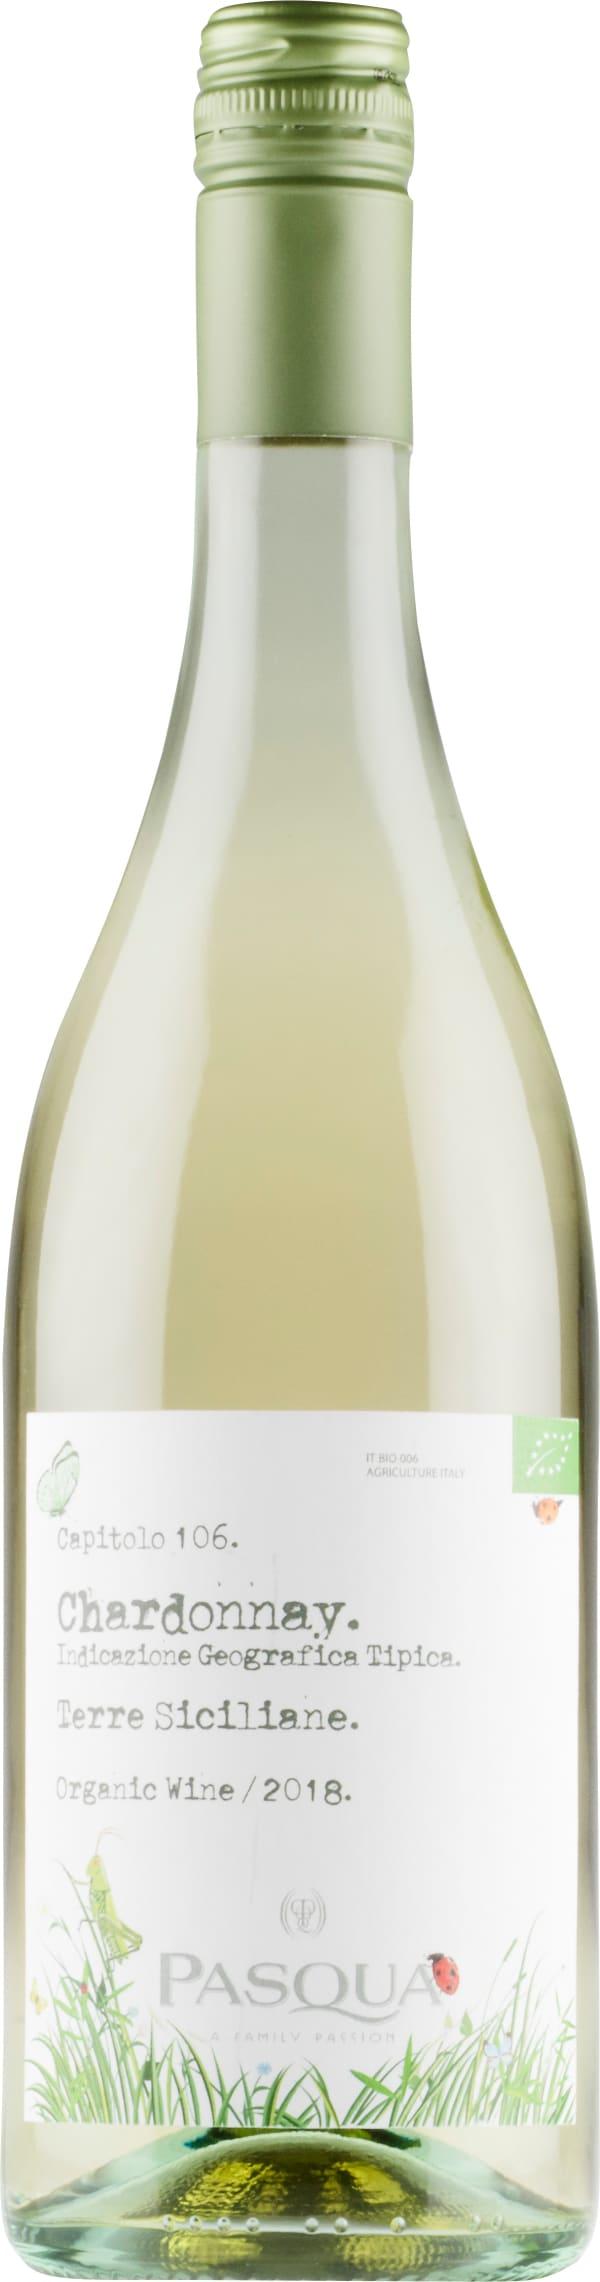 Pasqua Chardonnay Organic 2018